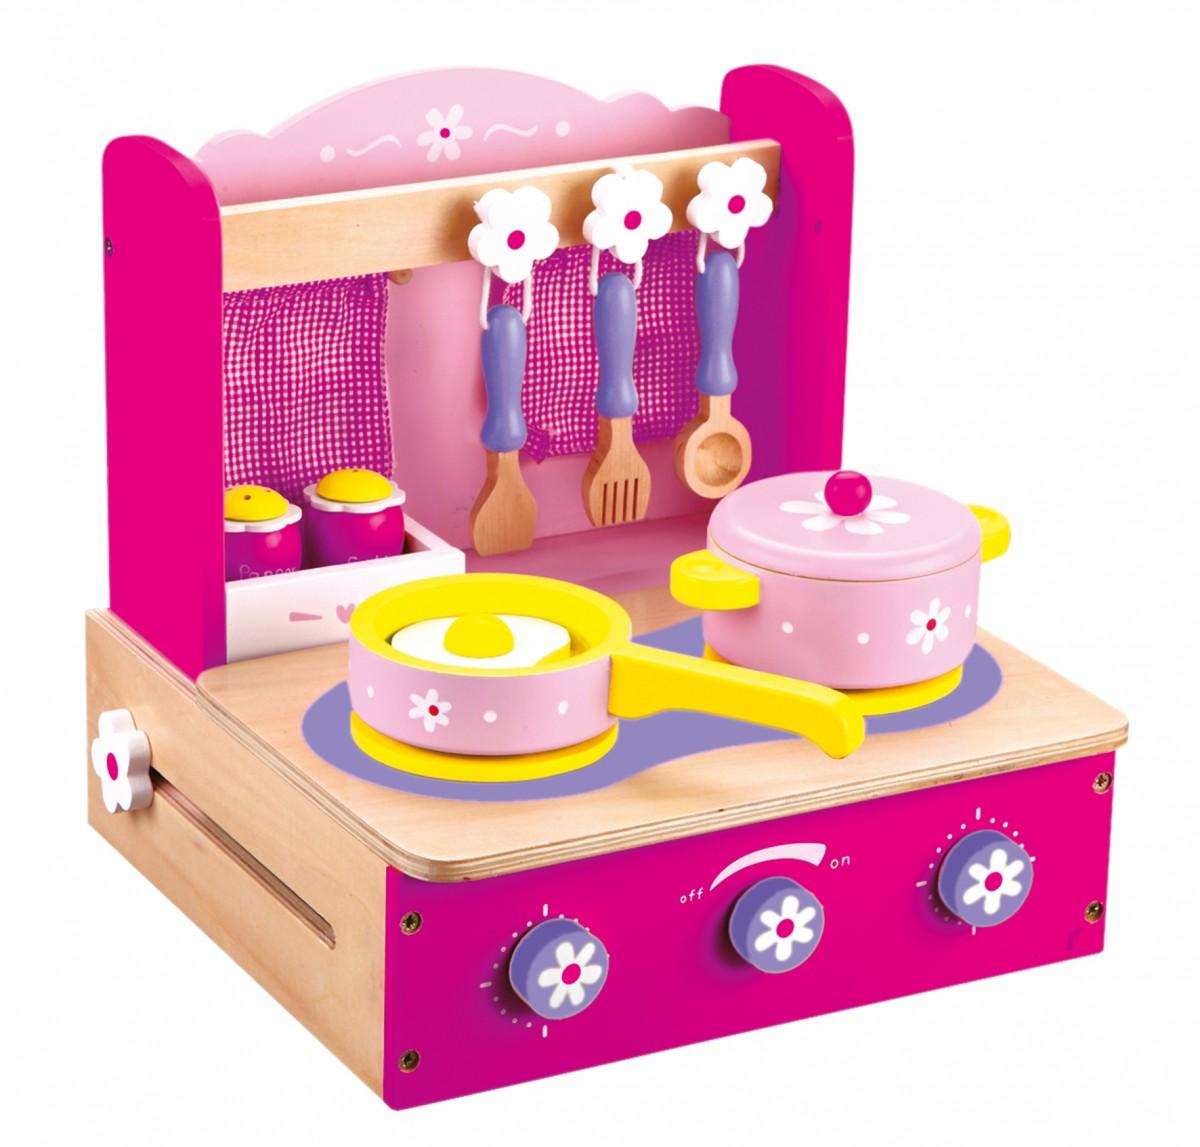 Bino - Dětský vařič s příslušenstvím 10ks růžový